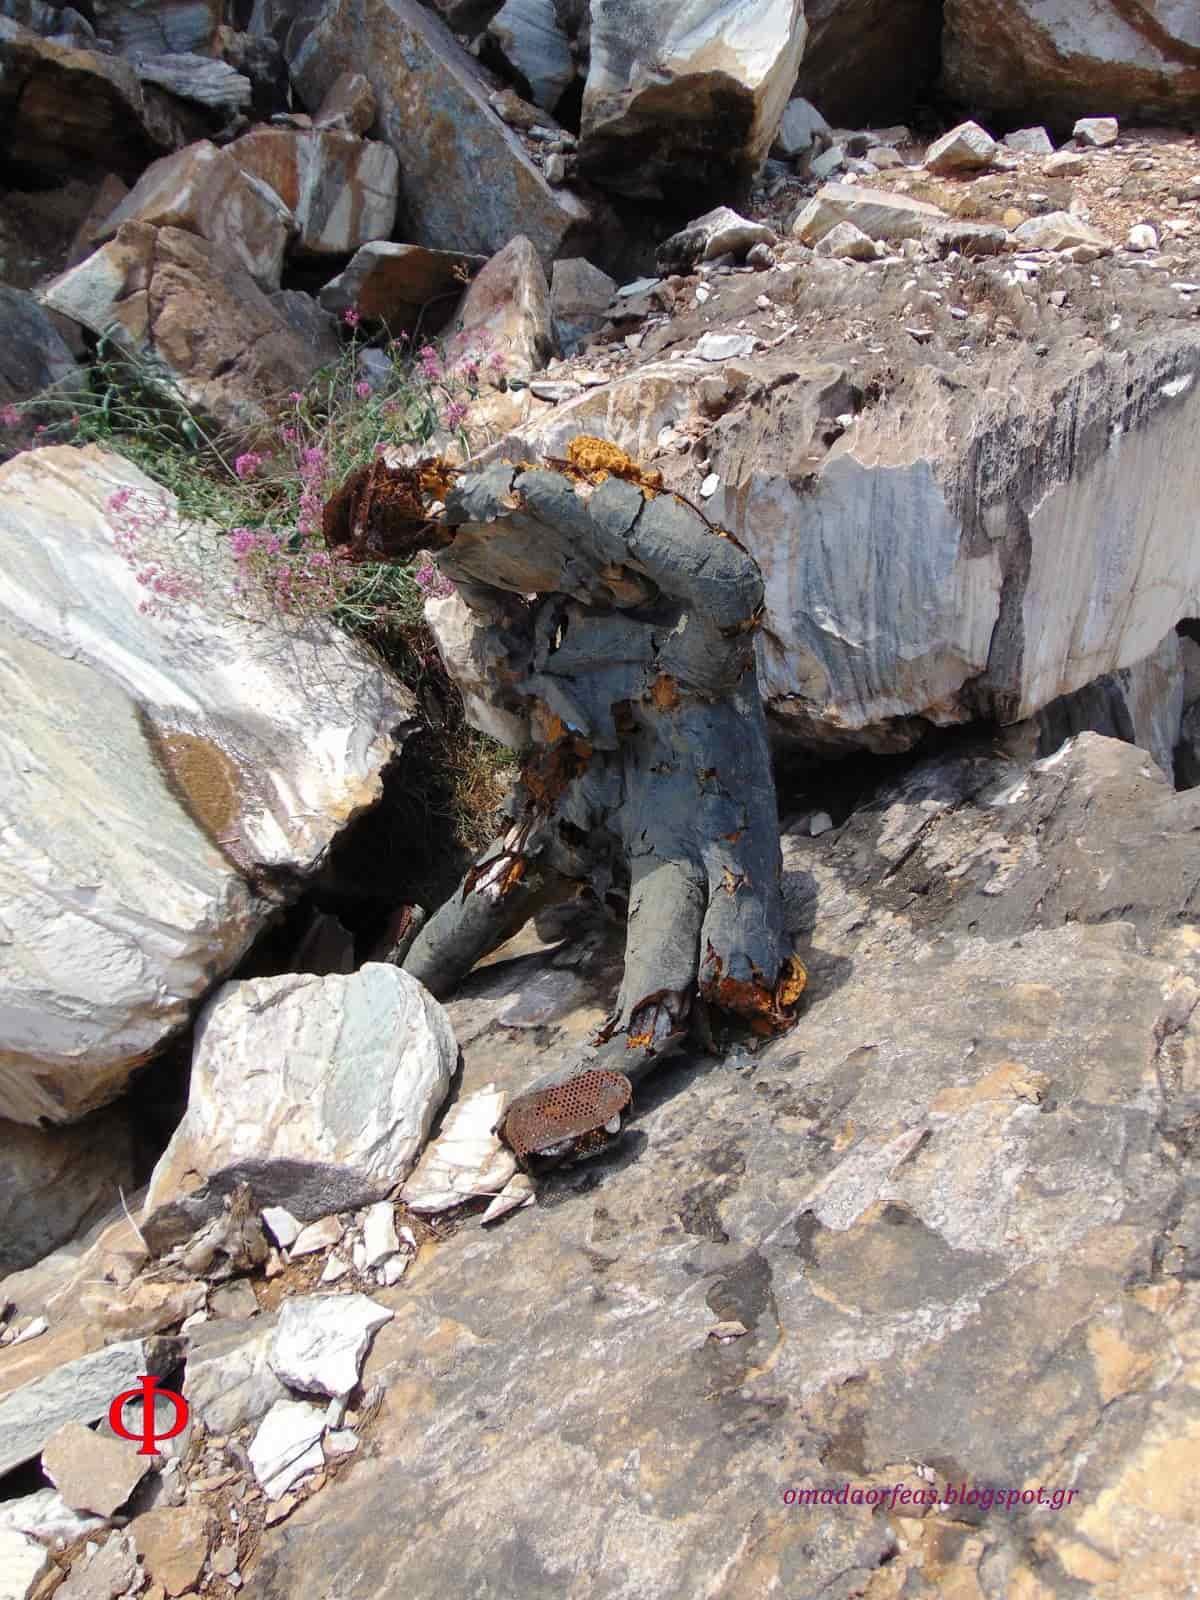 Η Μυστηριώδης «Πανοπλία» που Βρέθηκε σε Λατομείο της Πεντέλης (εικόνες) - Εικόνα1